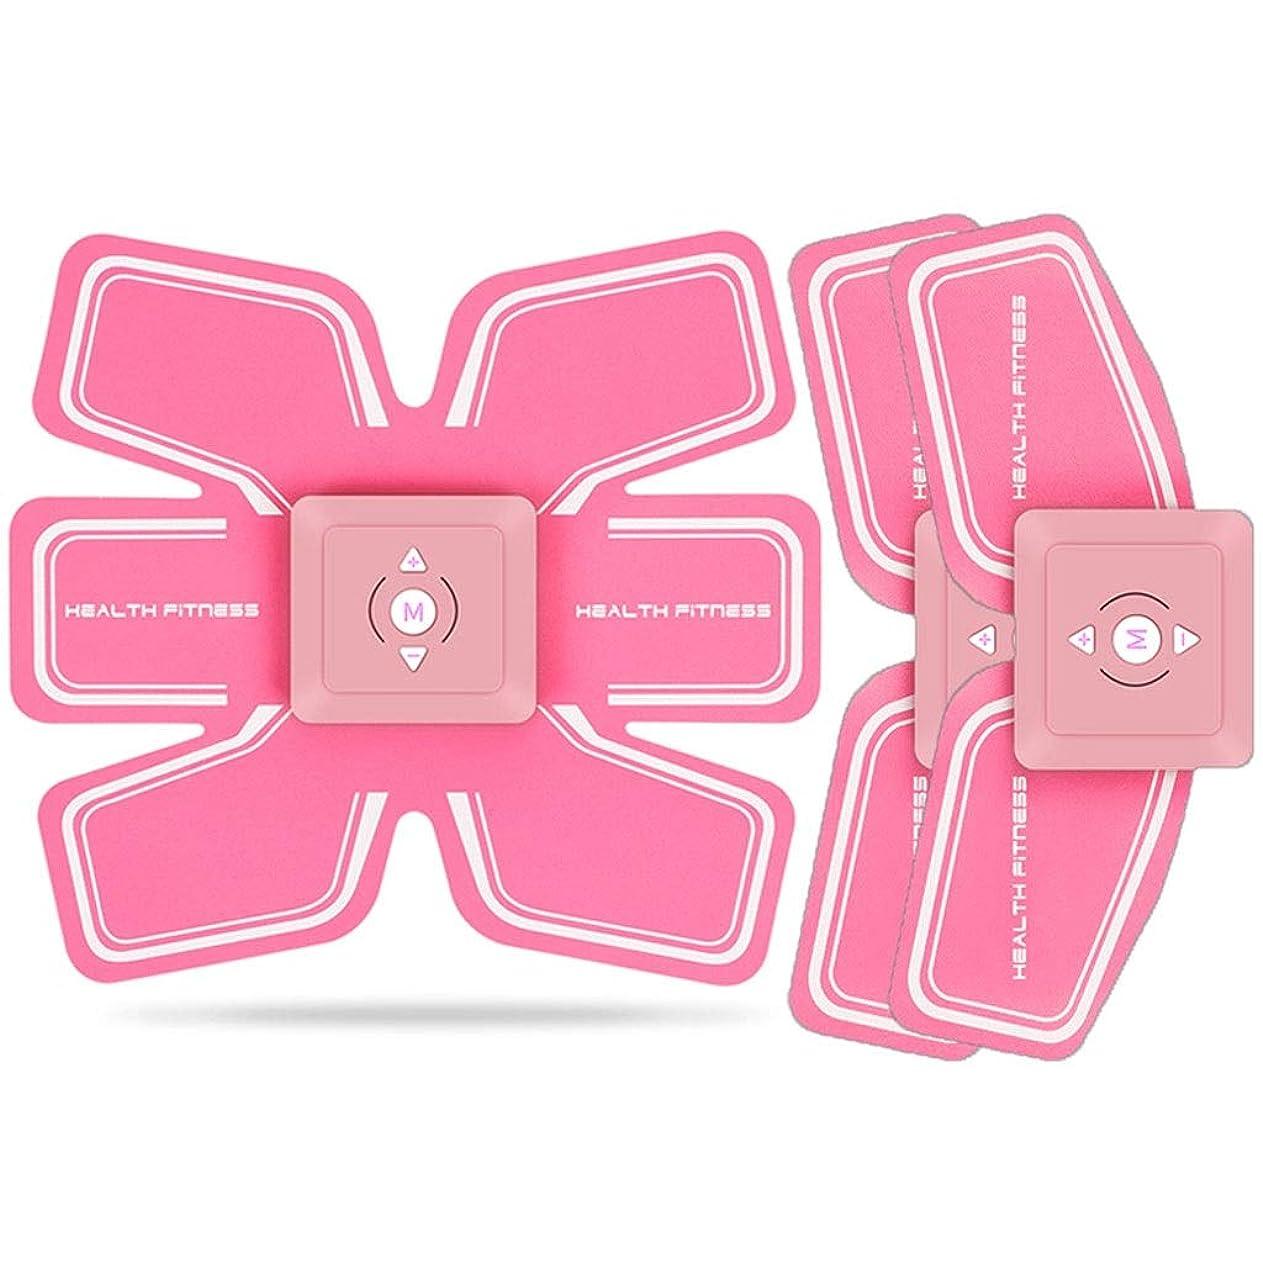 ABSトレーナーEMS腹部電気マッスルスティミュレーターマッスルトナー調色ベルトフィットネストレーニングギアABSエクササイズマシンウエストトレーナーホームワークアウト (Color : Pink, Size : D)